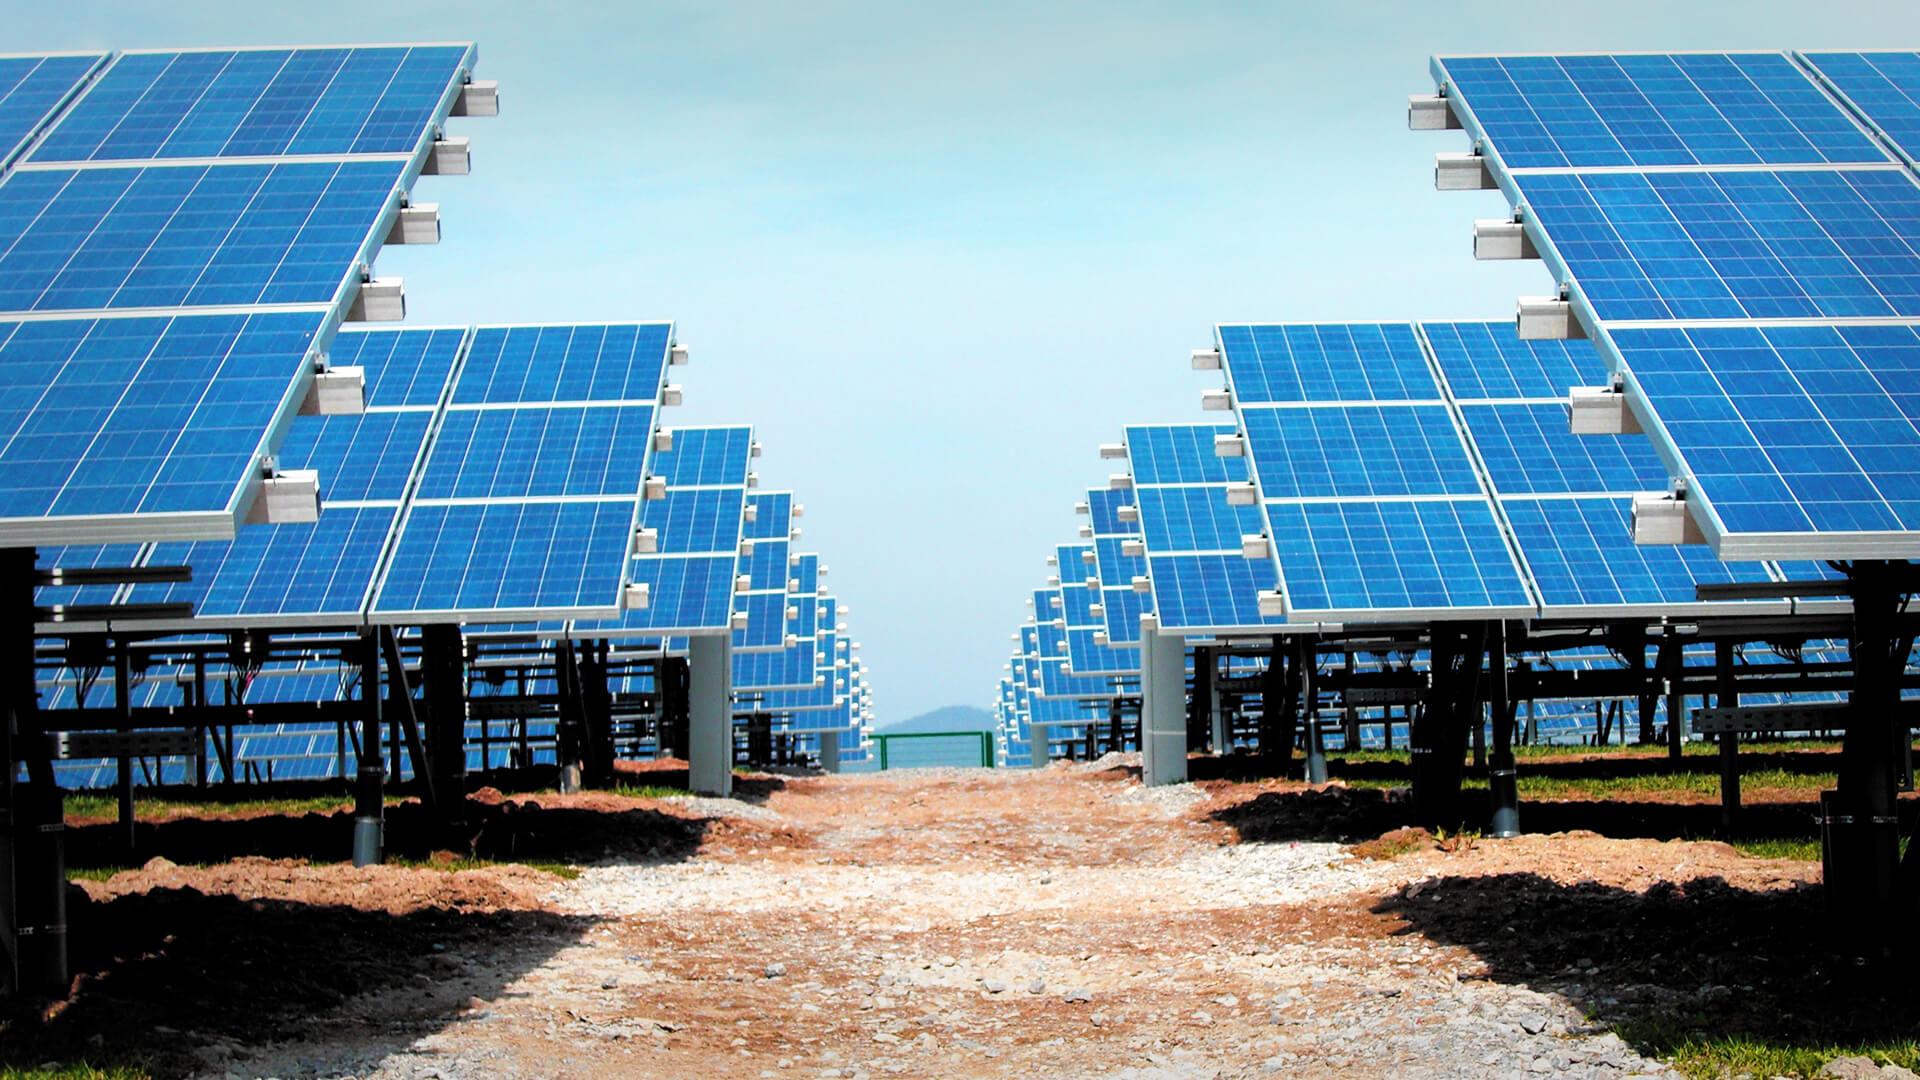 Tragstrukturen von Photovoltaikanlagen